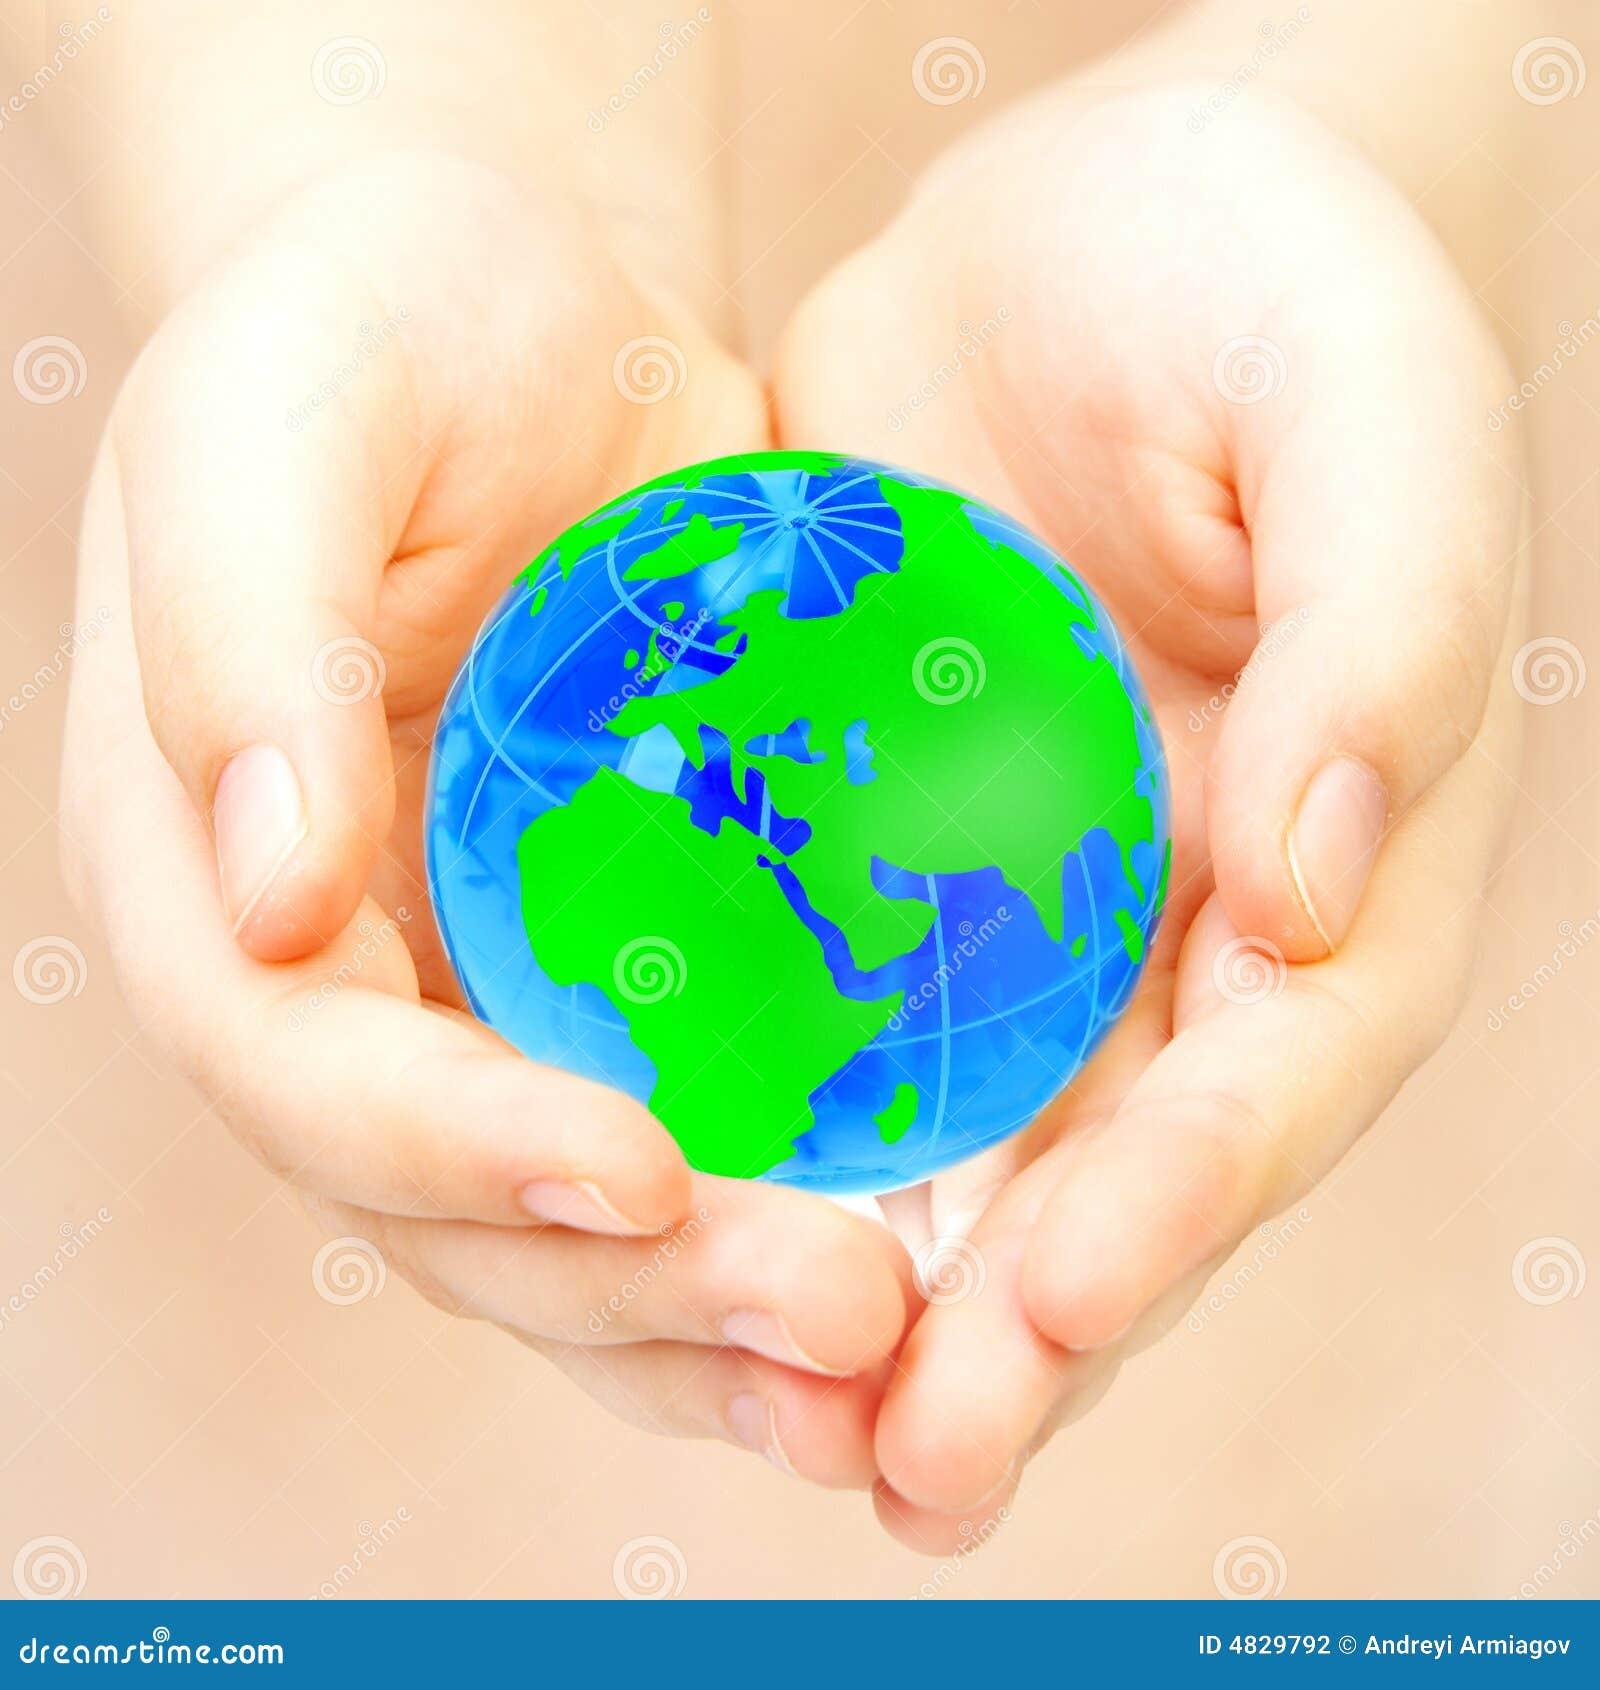 La main de la personne retient le globe